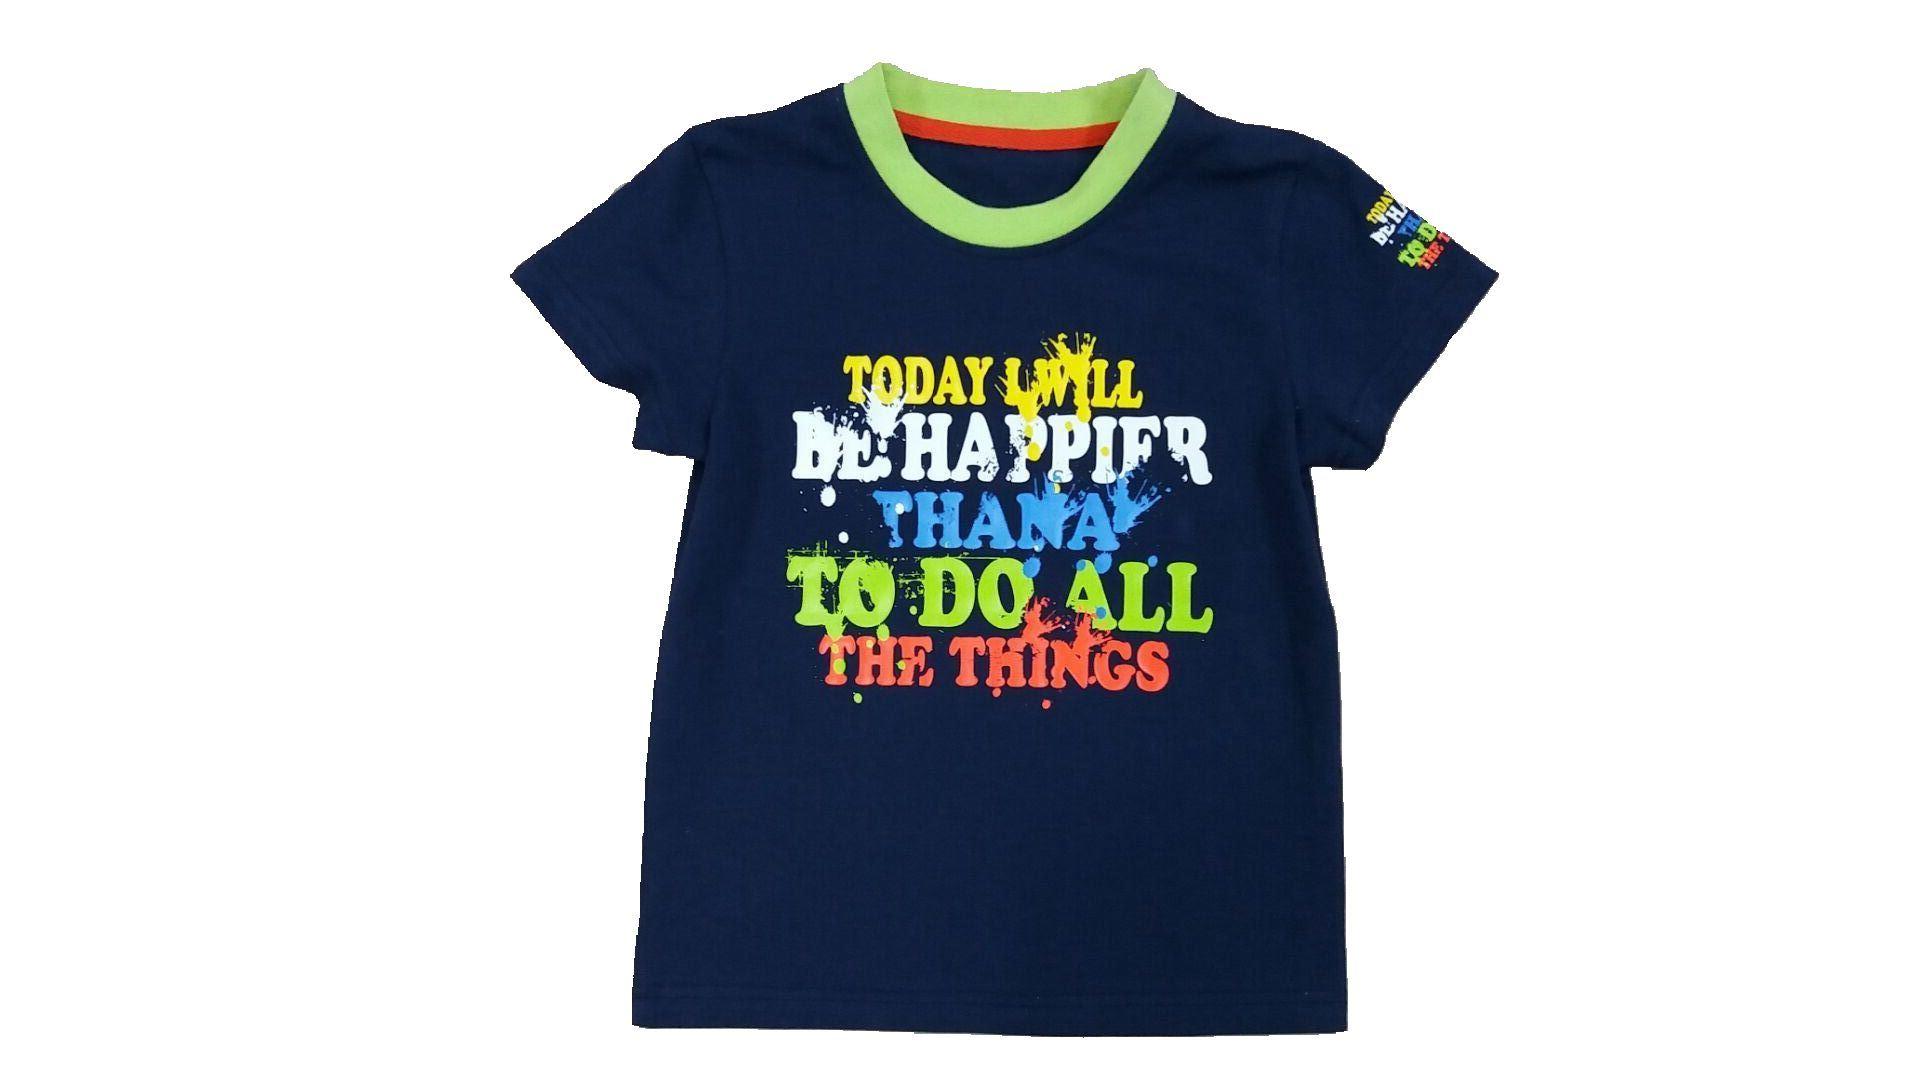 Shirt design boy 2016 - 2016 New Design Boy T Shirt Children Clothing Bt046